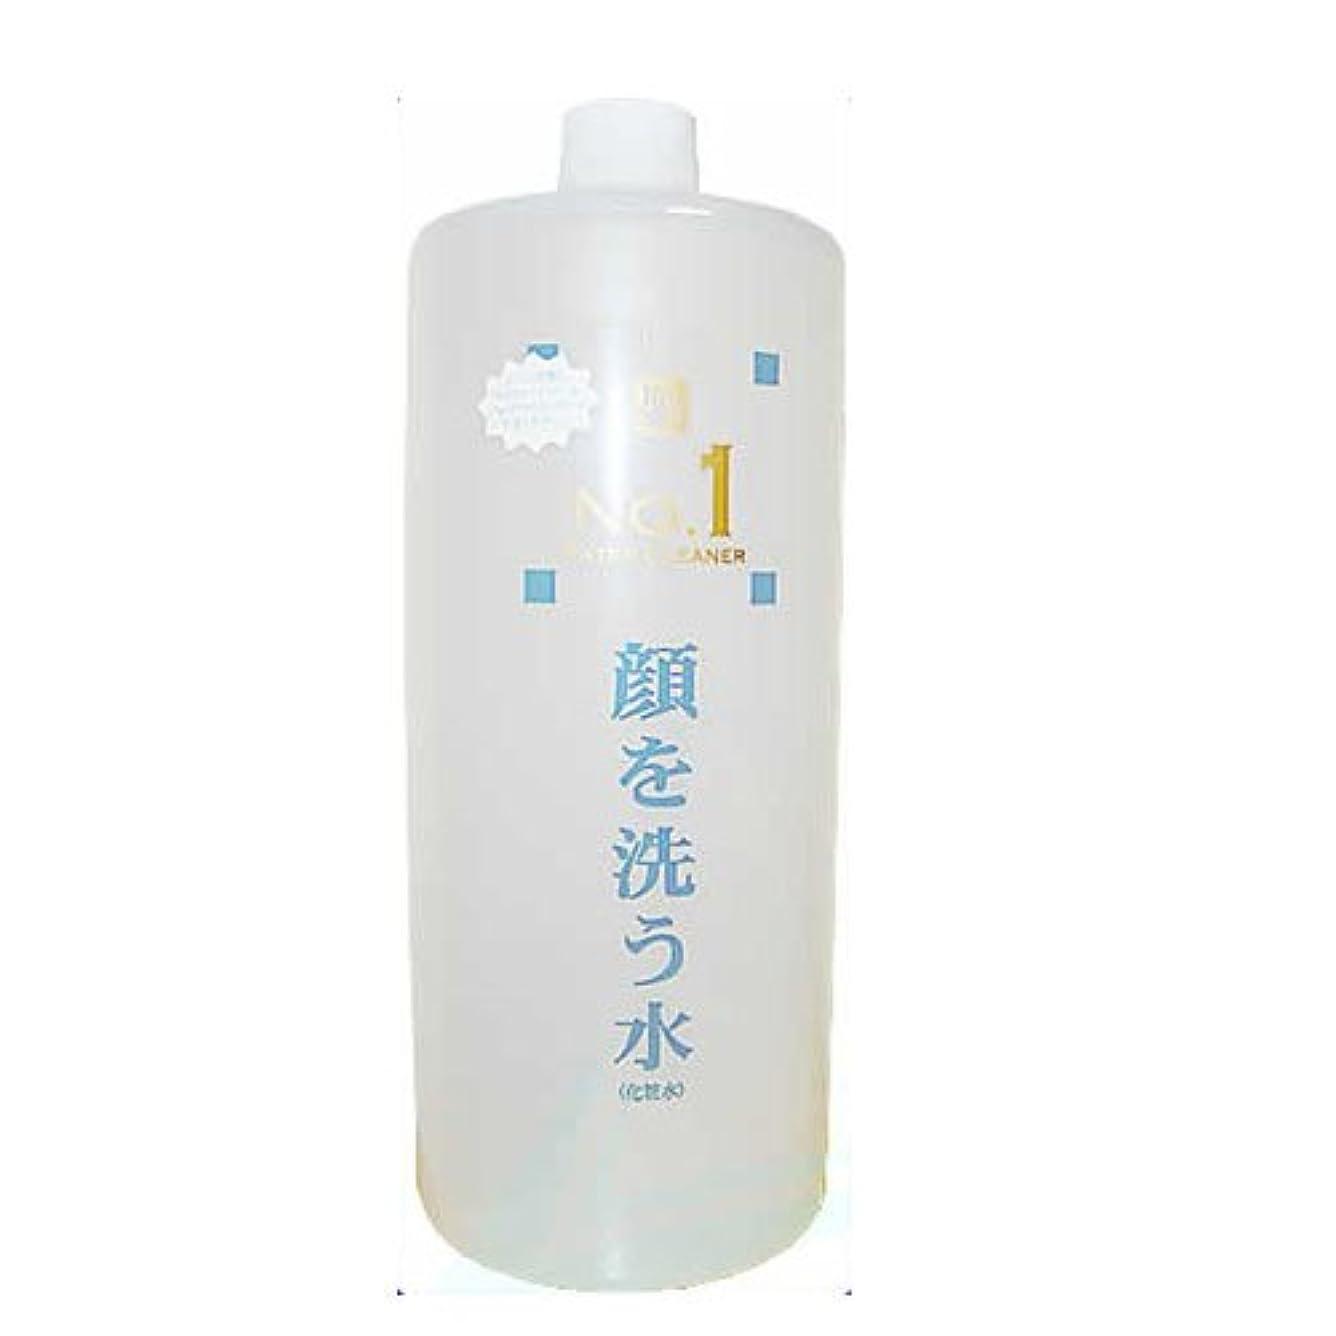 赤乳剤ケージ顔を洗う水シリーズ No.1 1000ml